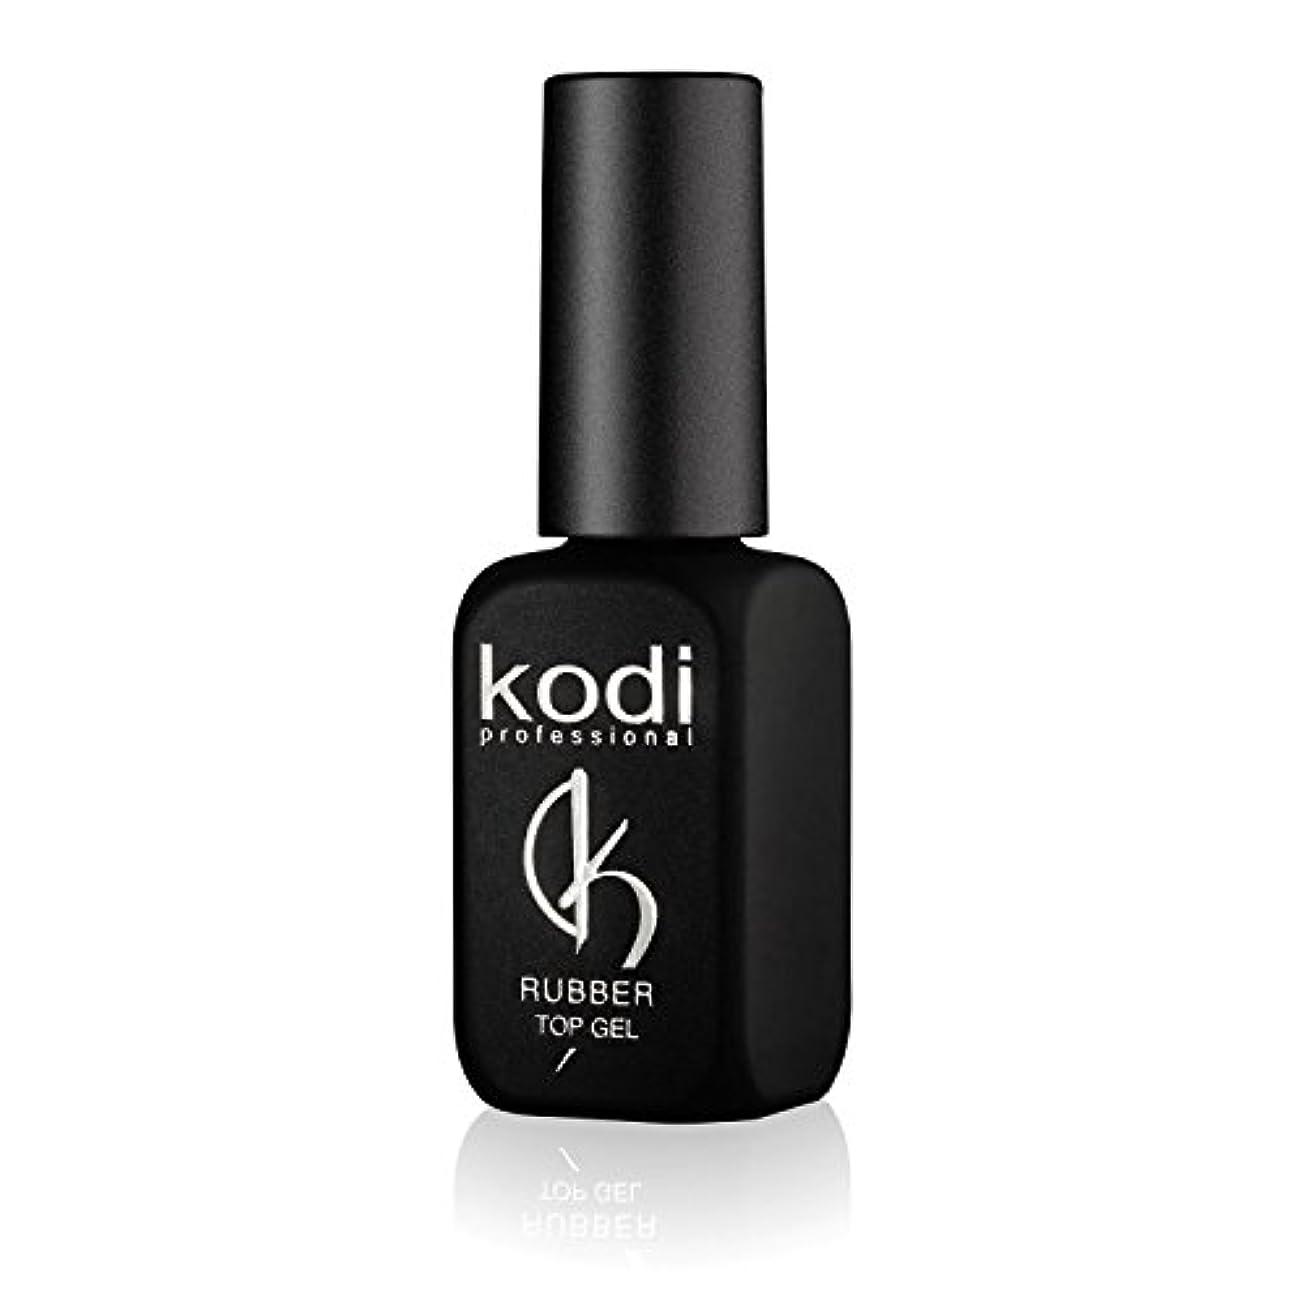 蚊取り組む消毒するProfessional Rubber Top Gel By Kodi | 12ml 0.42 oz | Soak Off, Polish Fingernails Coat Gel | For Long Lasting...